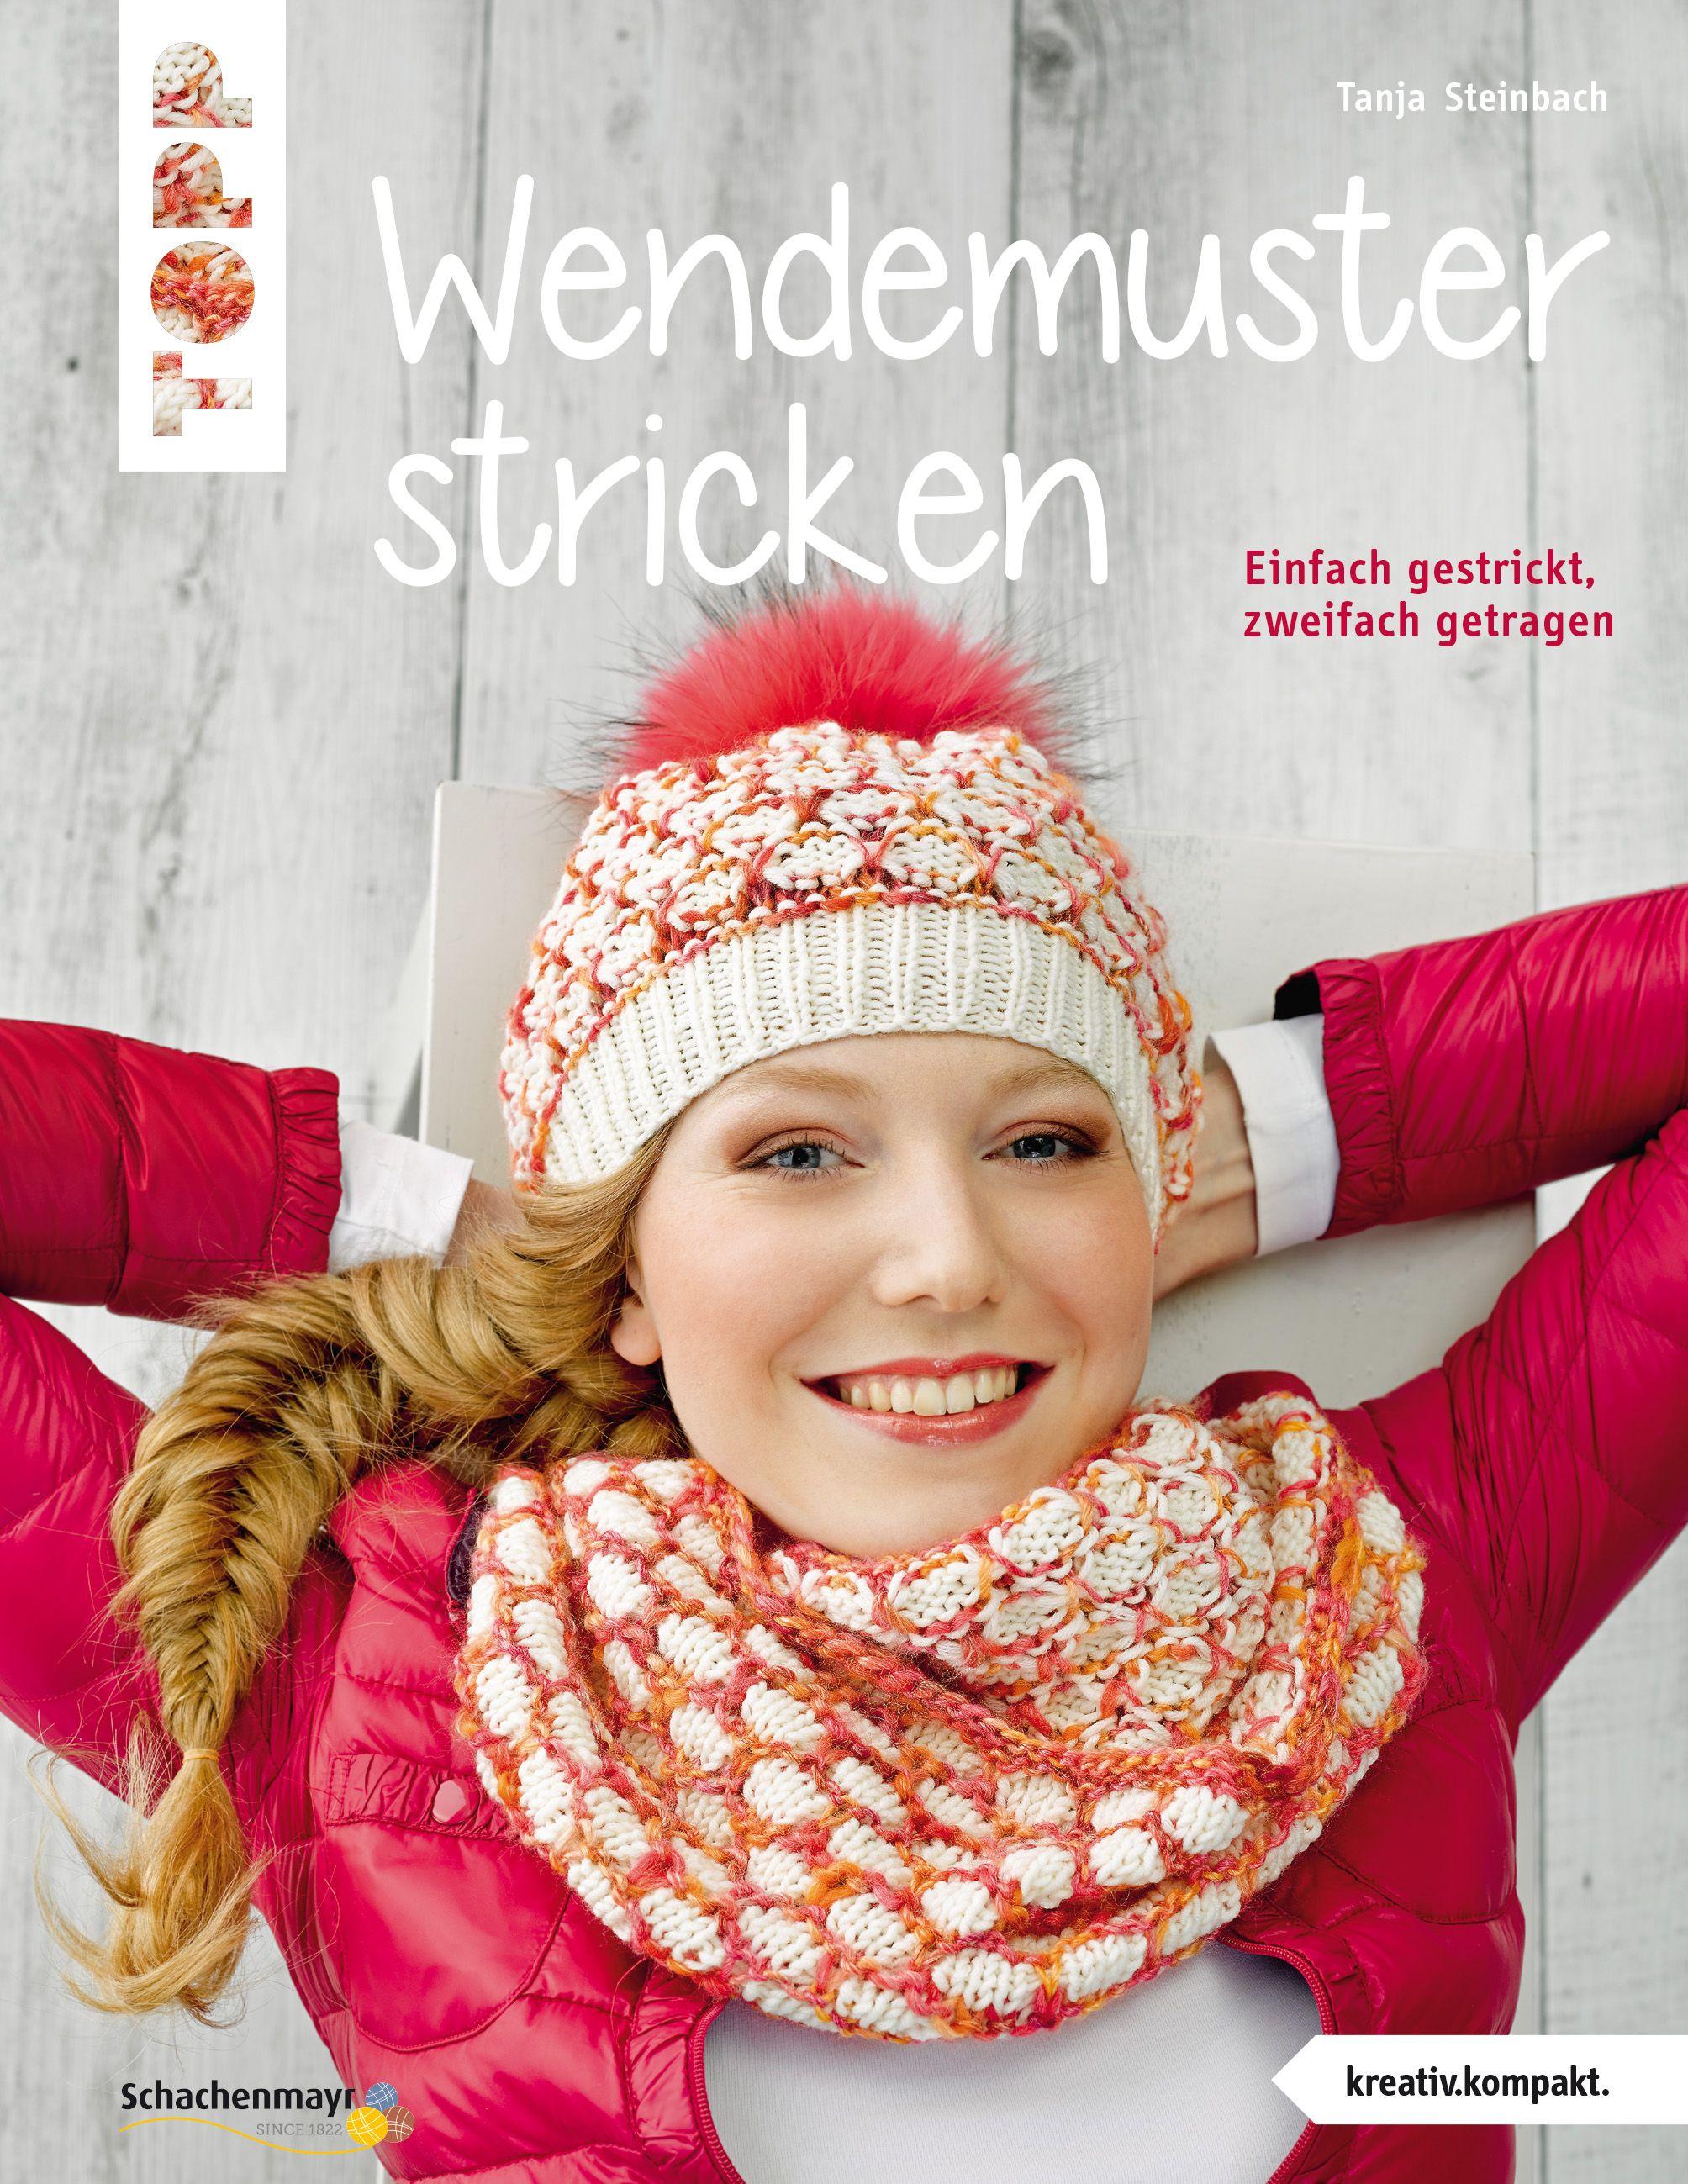 Wendemuster Stricken Kreativkompakt Von Steinbach Tanja Einfach